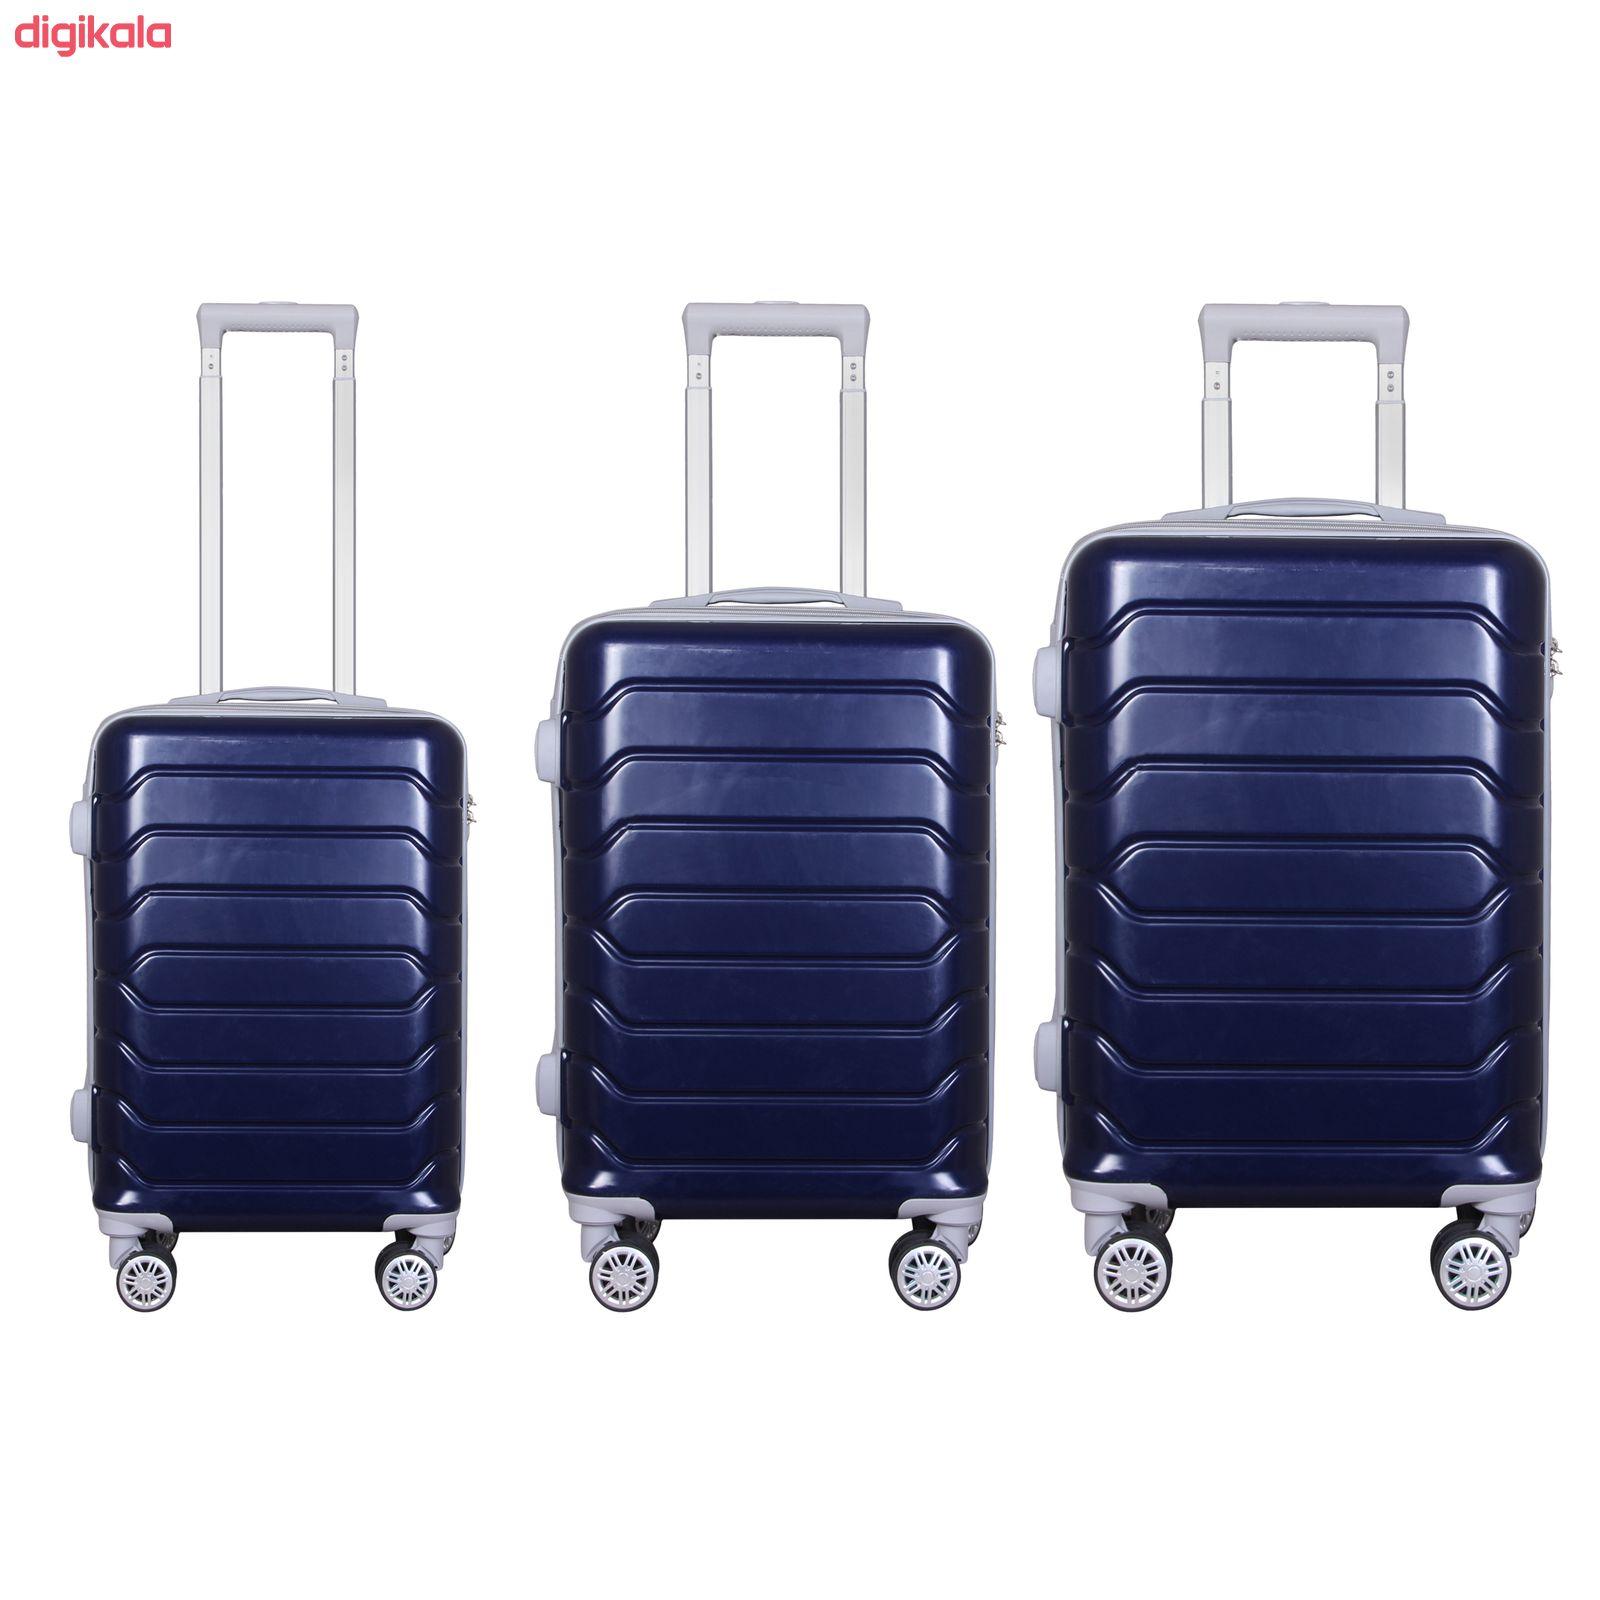 مجموعه سه عددی چمدان مدل 10021 main 1 33